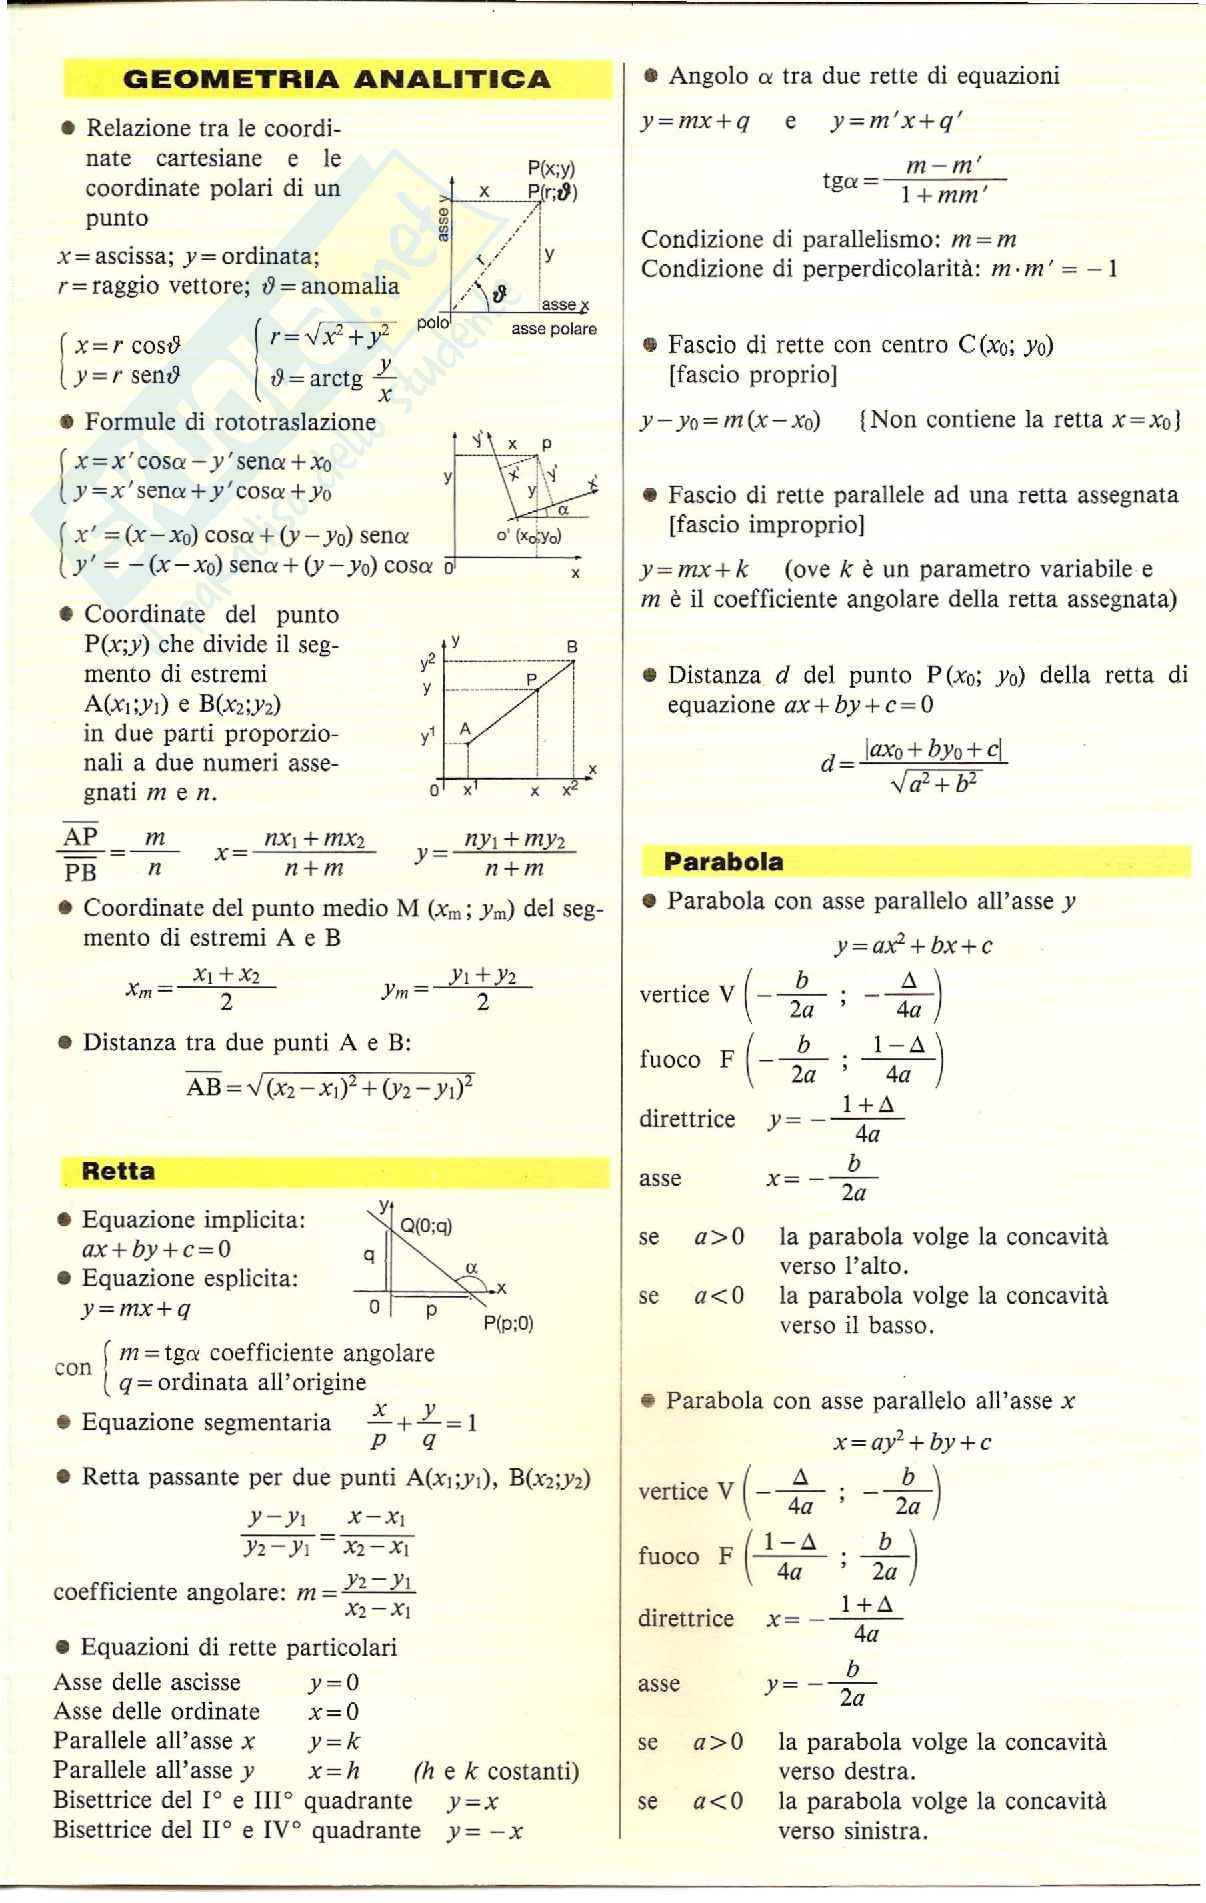 Matematica tutte le formule Pag. 6